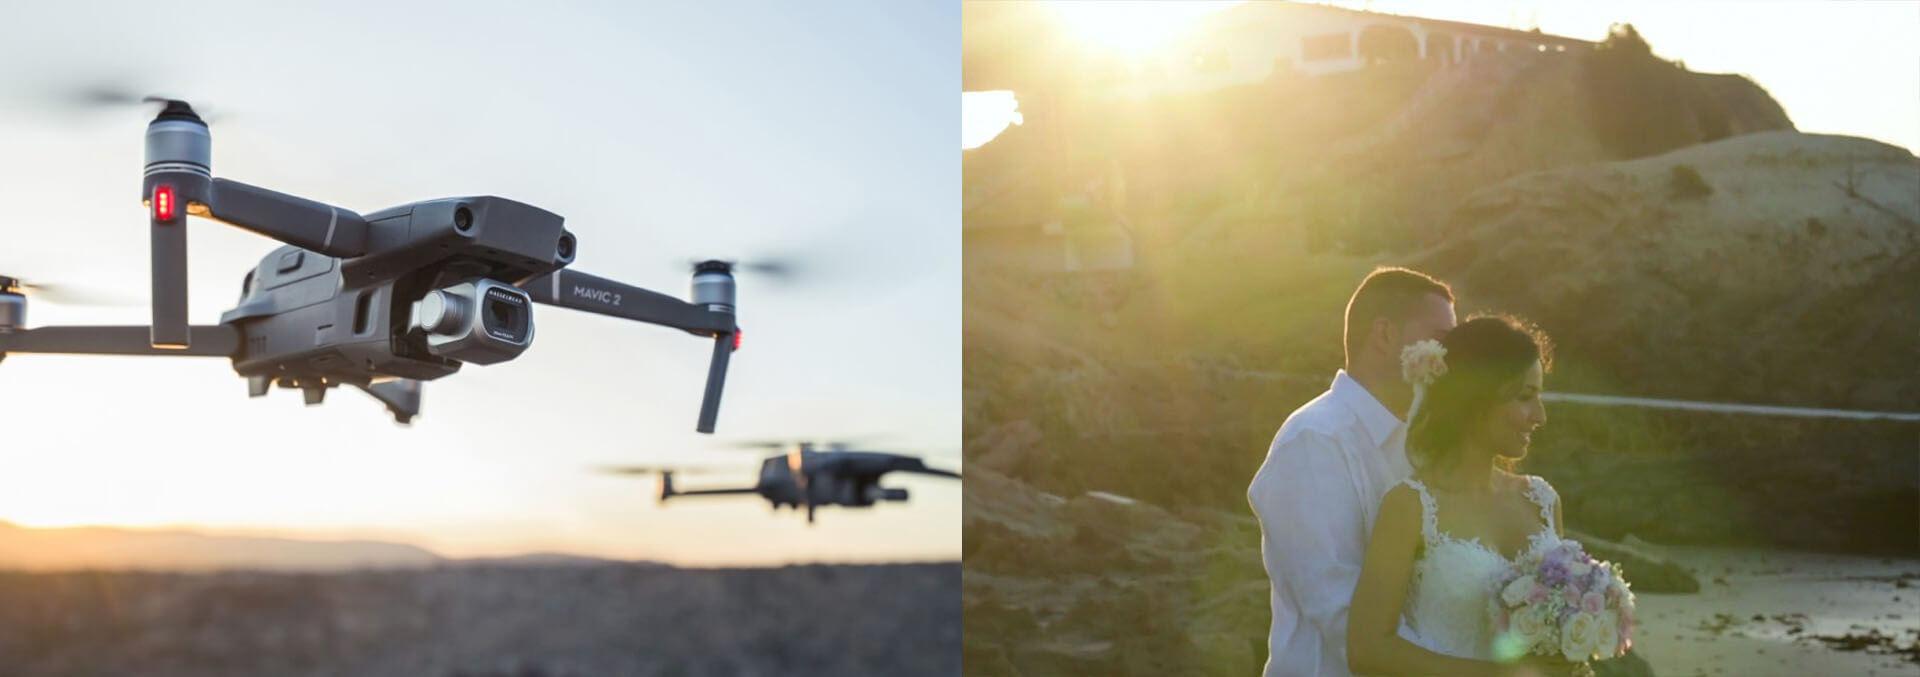 crivadeneira drone